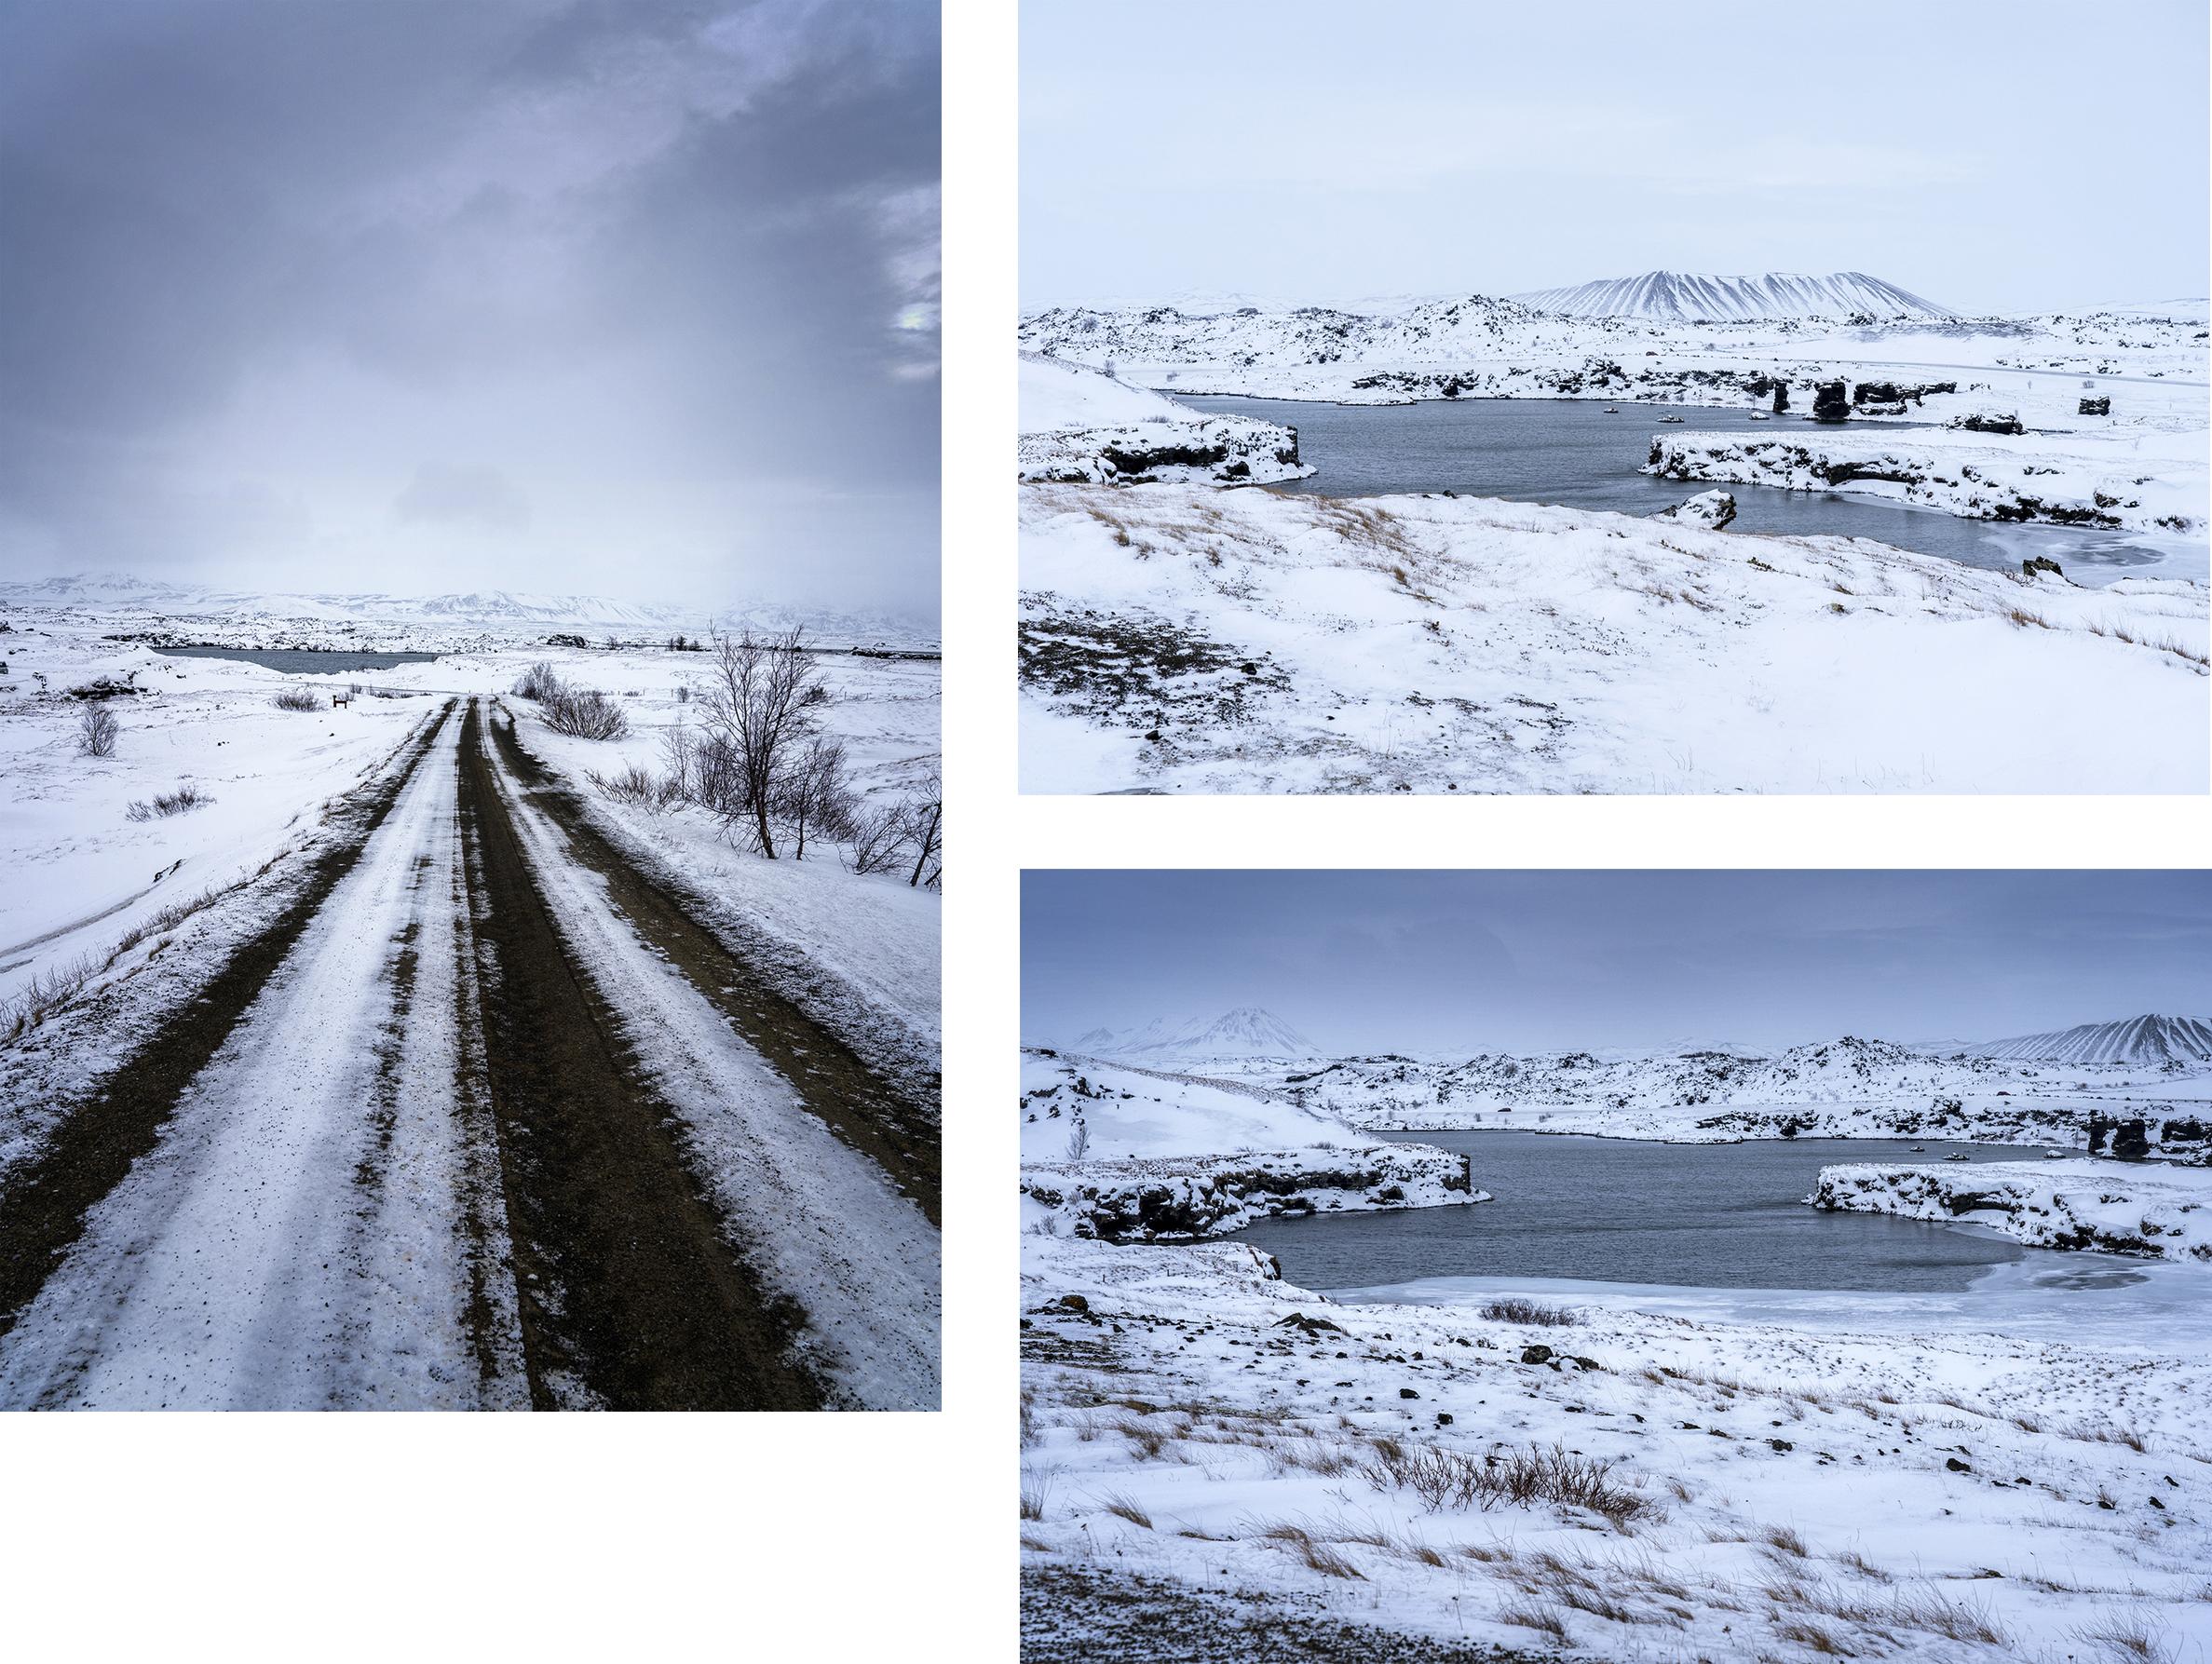 lac Mývatn Islande du Nord route neige